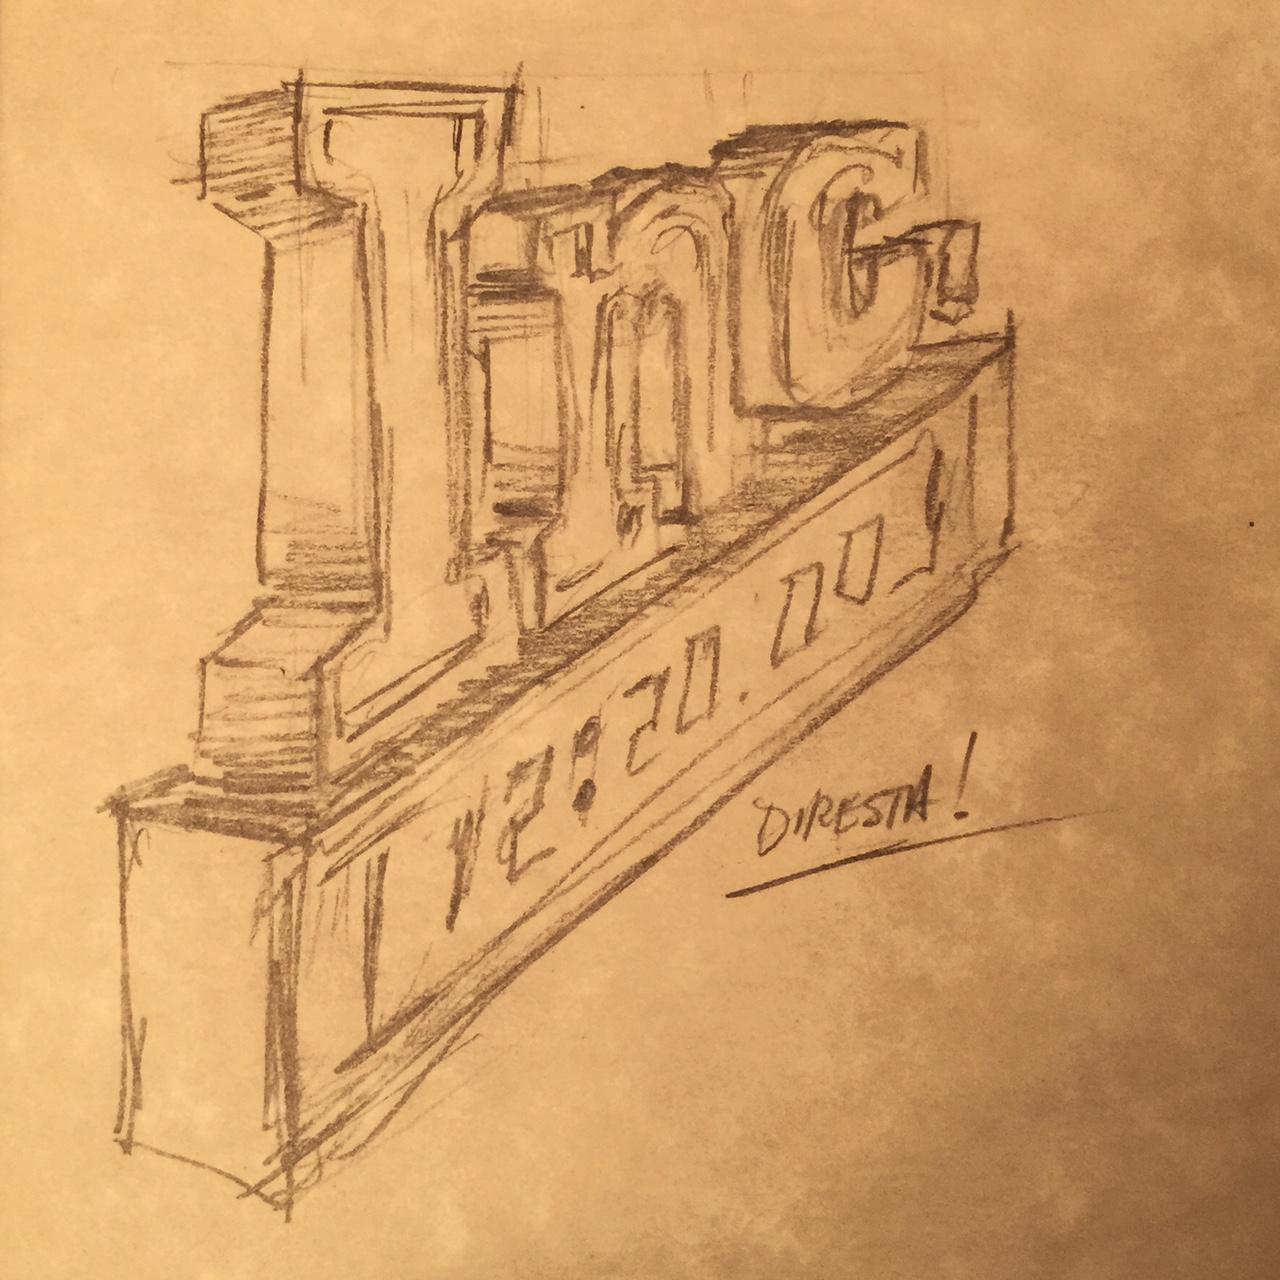 DiResta: Inc. Clock Sign